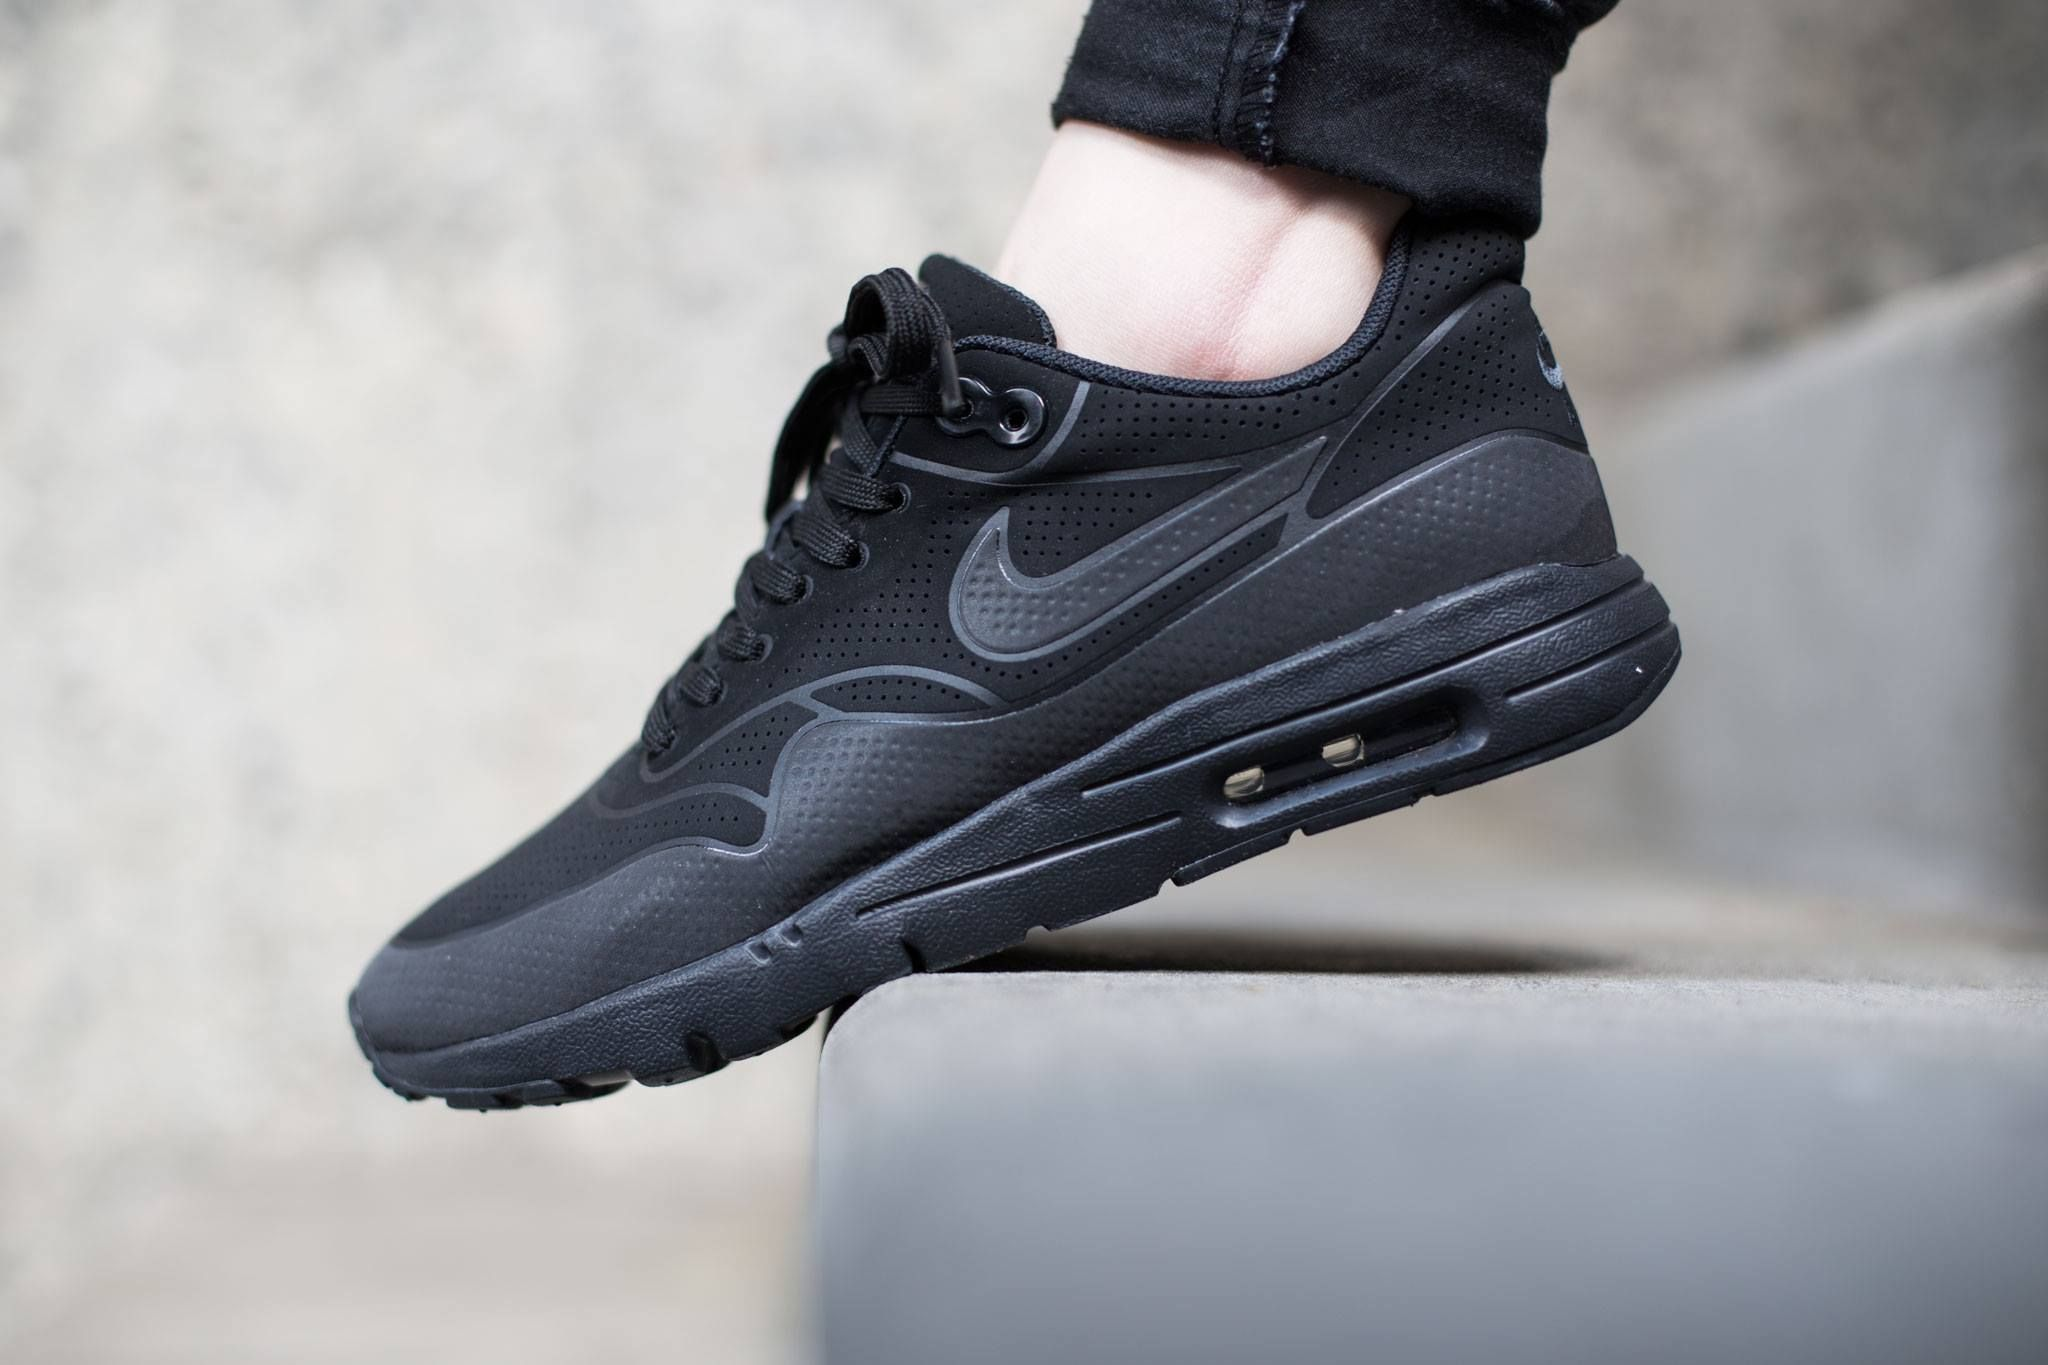 vente 2015 Nike Wmns Air Max 1 Ultra Moire Noir / Vapeur D'anthracite très à vendre vraiment escompte combien MpEGXHxt7o